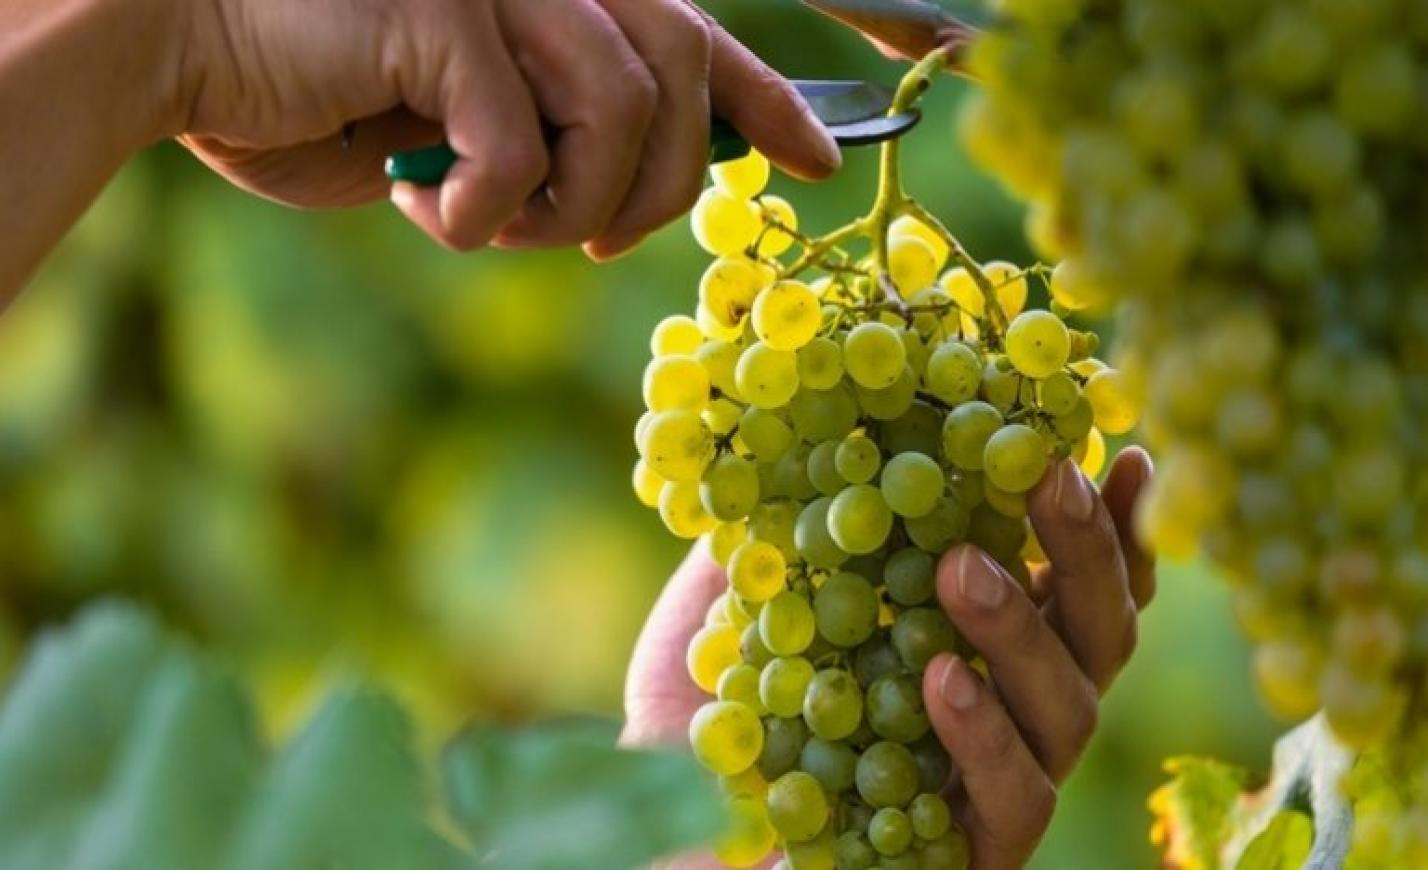 Milliárdos borászati támogatási program indul: itt vannak a részletek